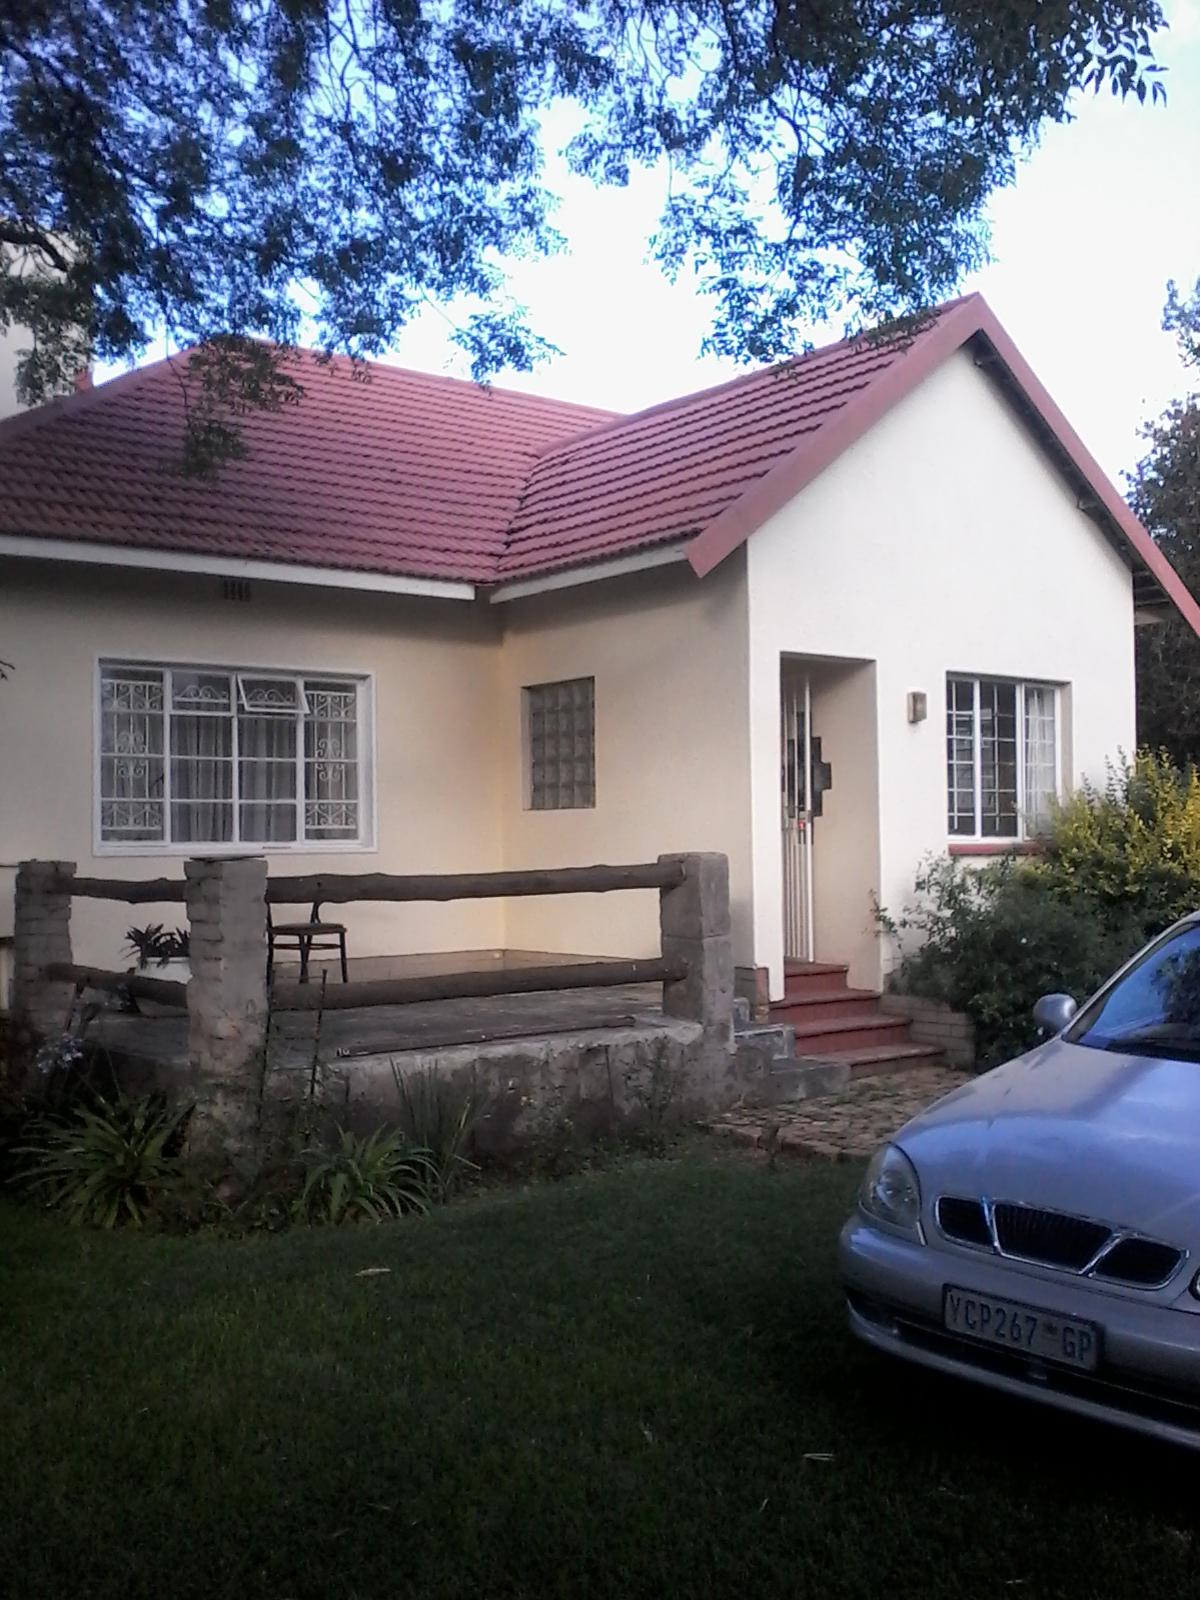 3 Bedroom House in Horison